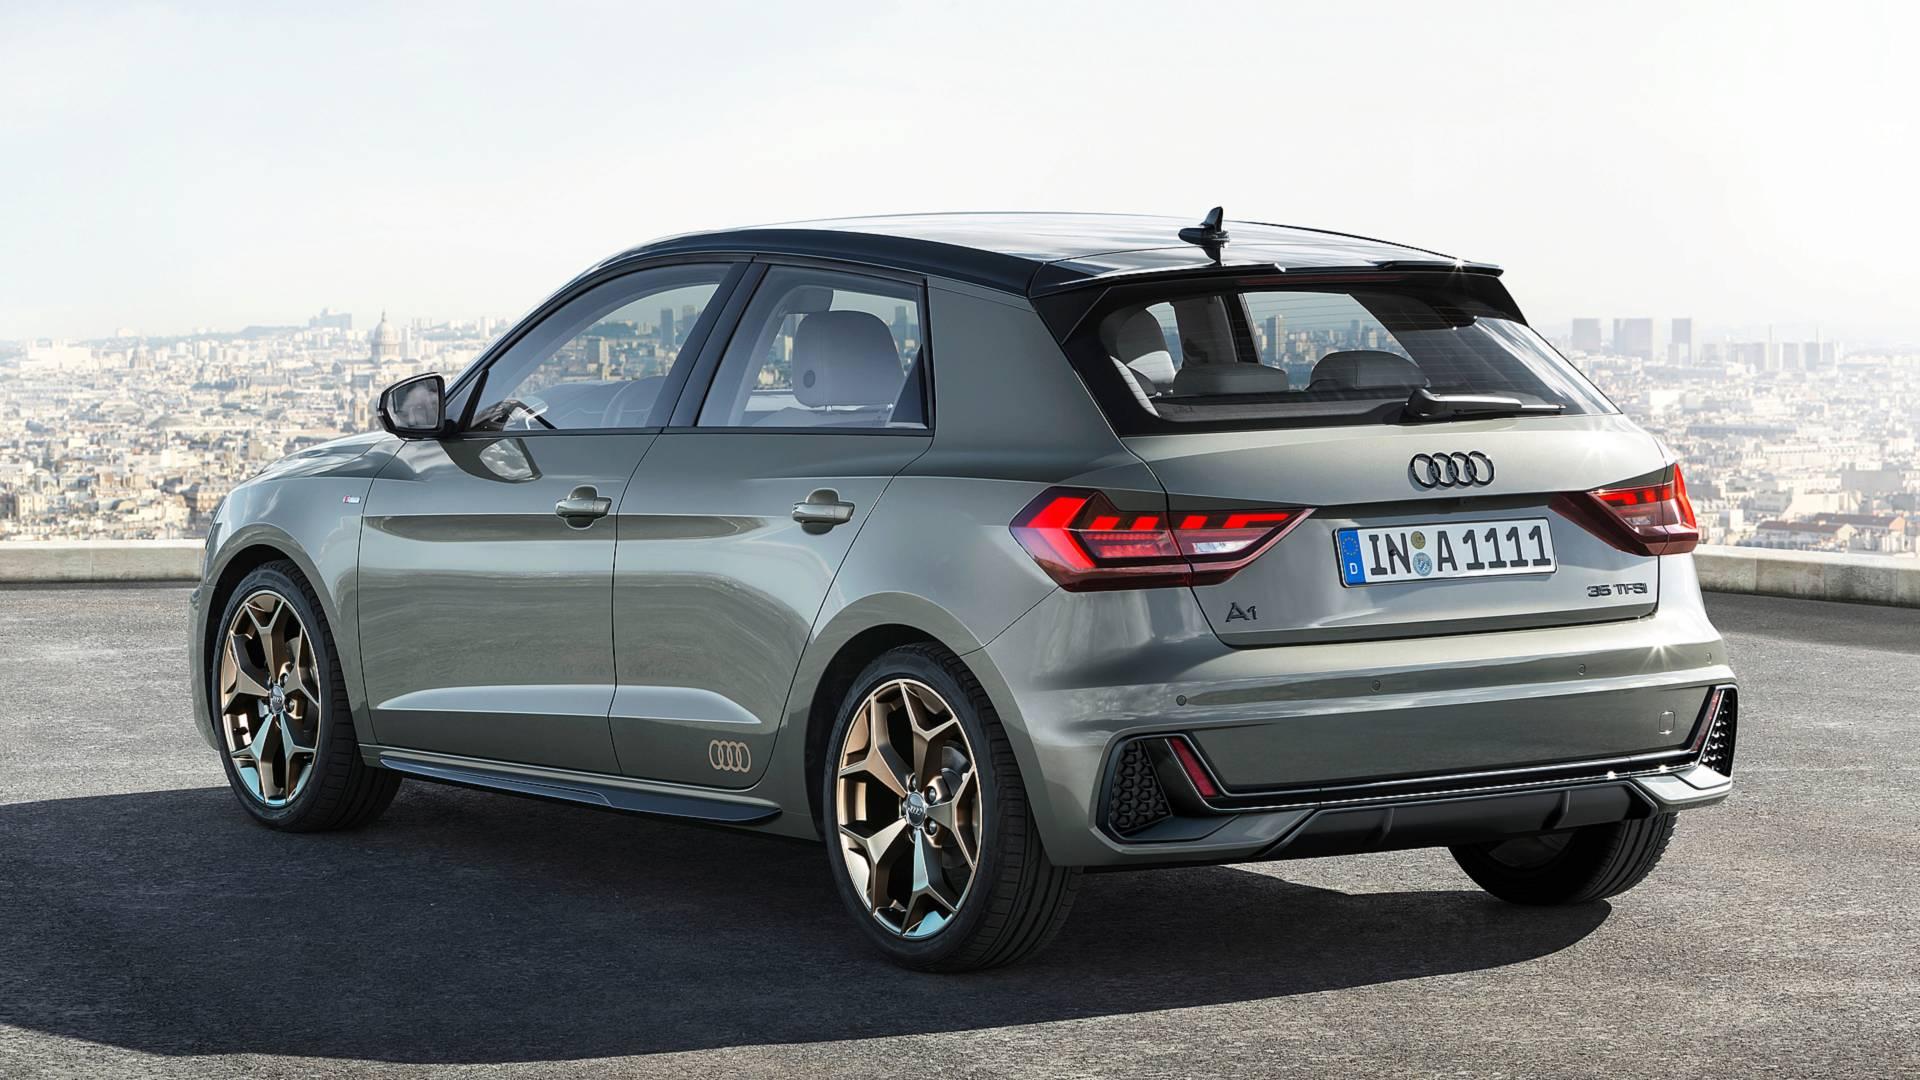 đầu tư giá trị - 2019 audi a1 sportback 1 - Audi A1 Sportback 2019 lộ diện, kiểu dáng cá tính, công suất 200 mã lực